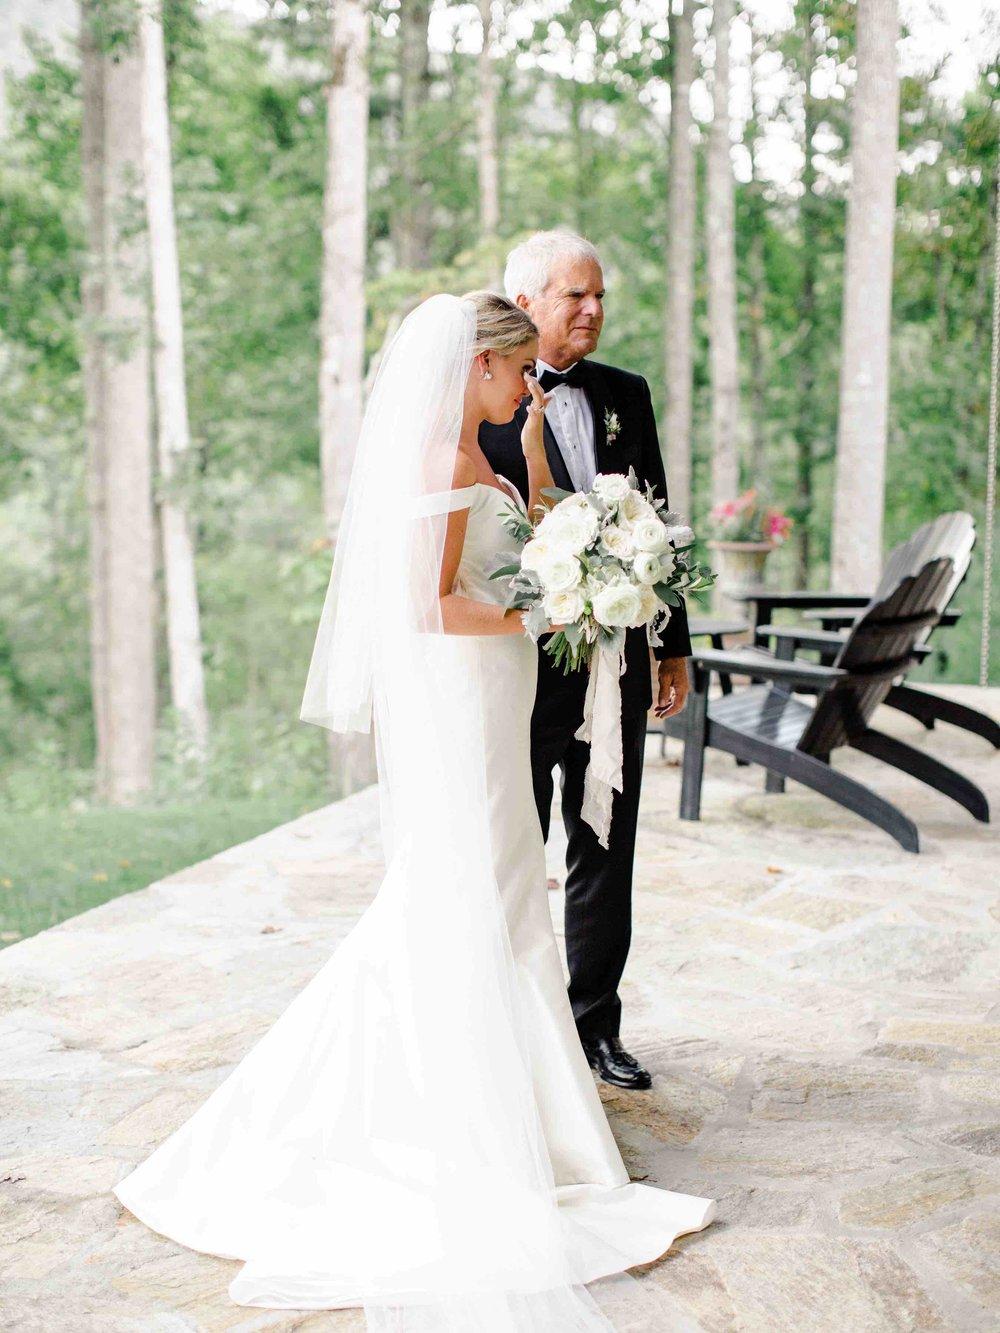 mariee-ami-rustic-wedding-4.jpeg